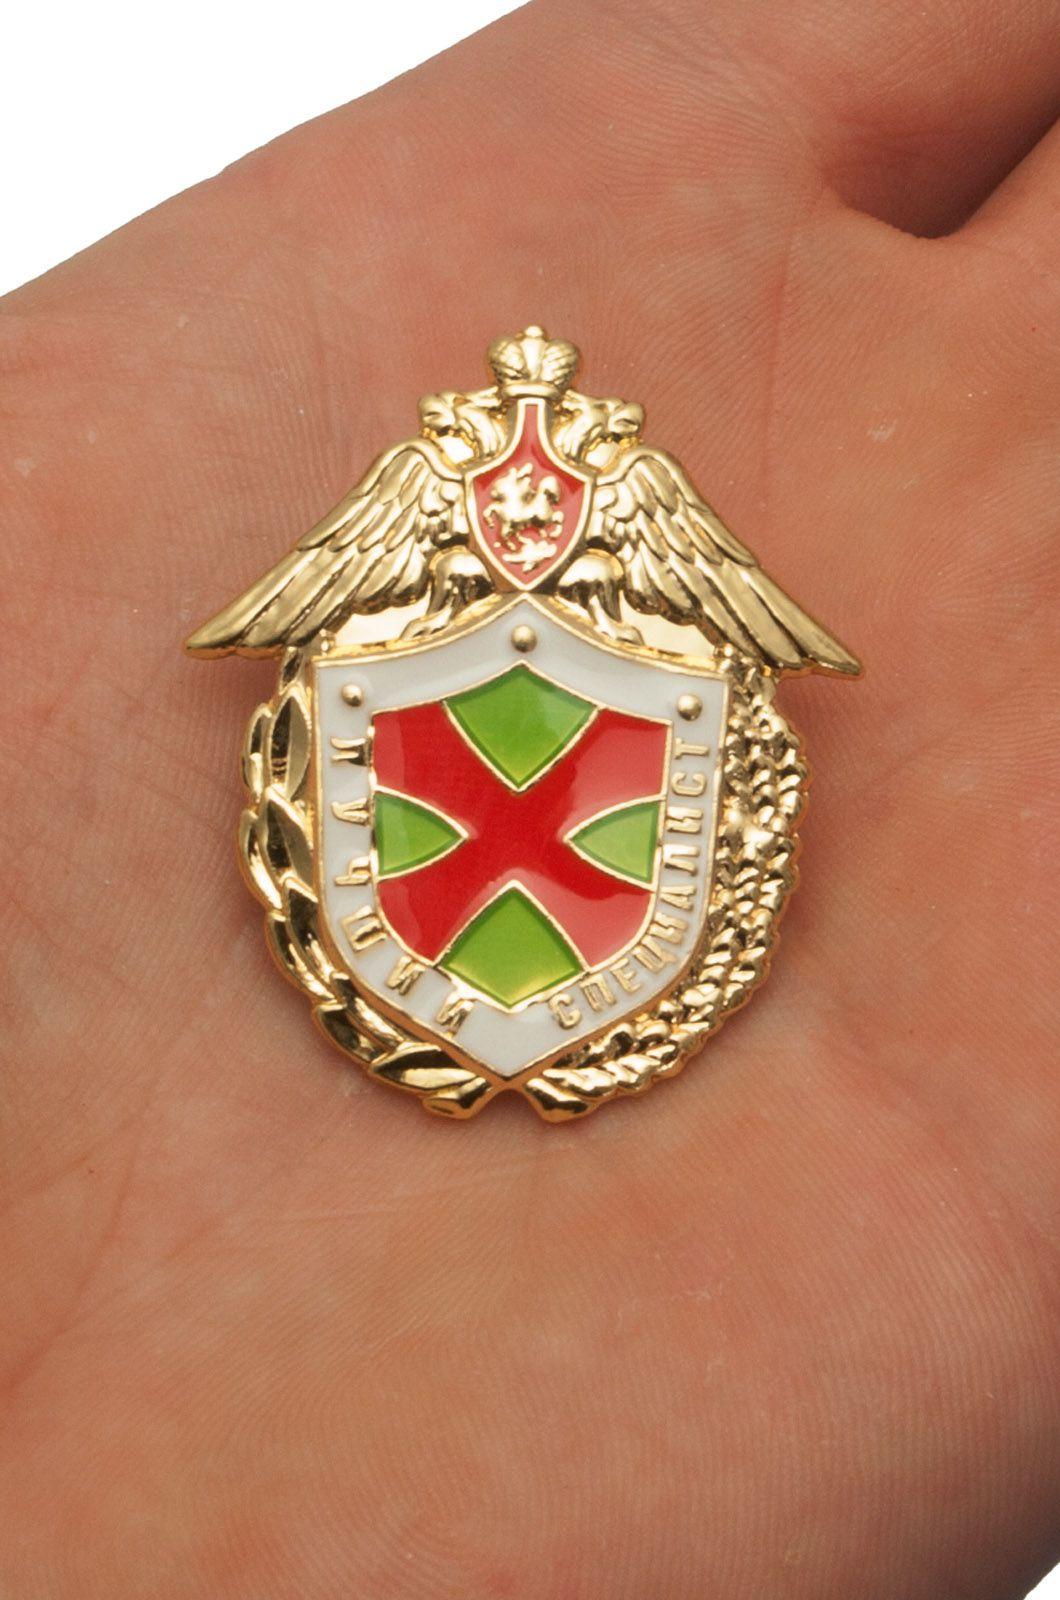 Знак «Лучший специалист» ФПС РФ  - общий вид